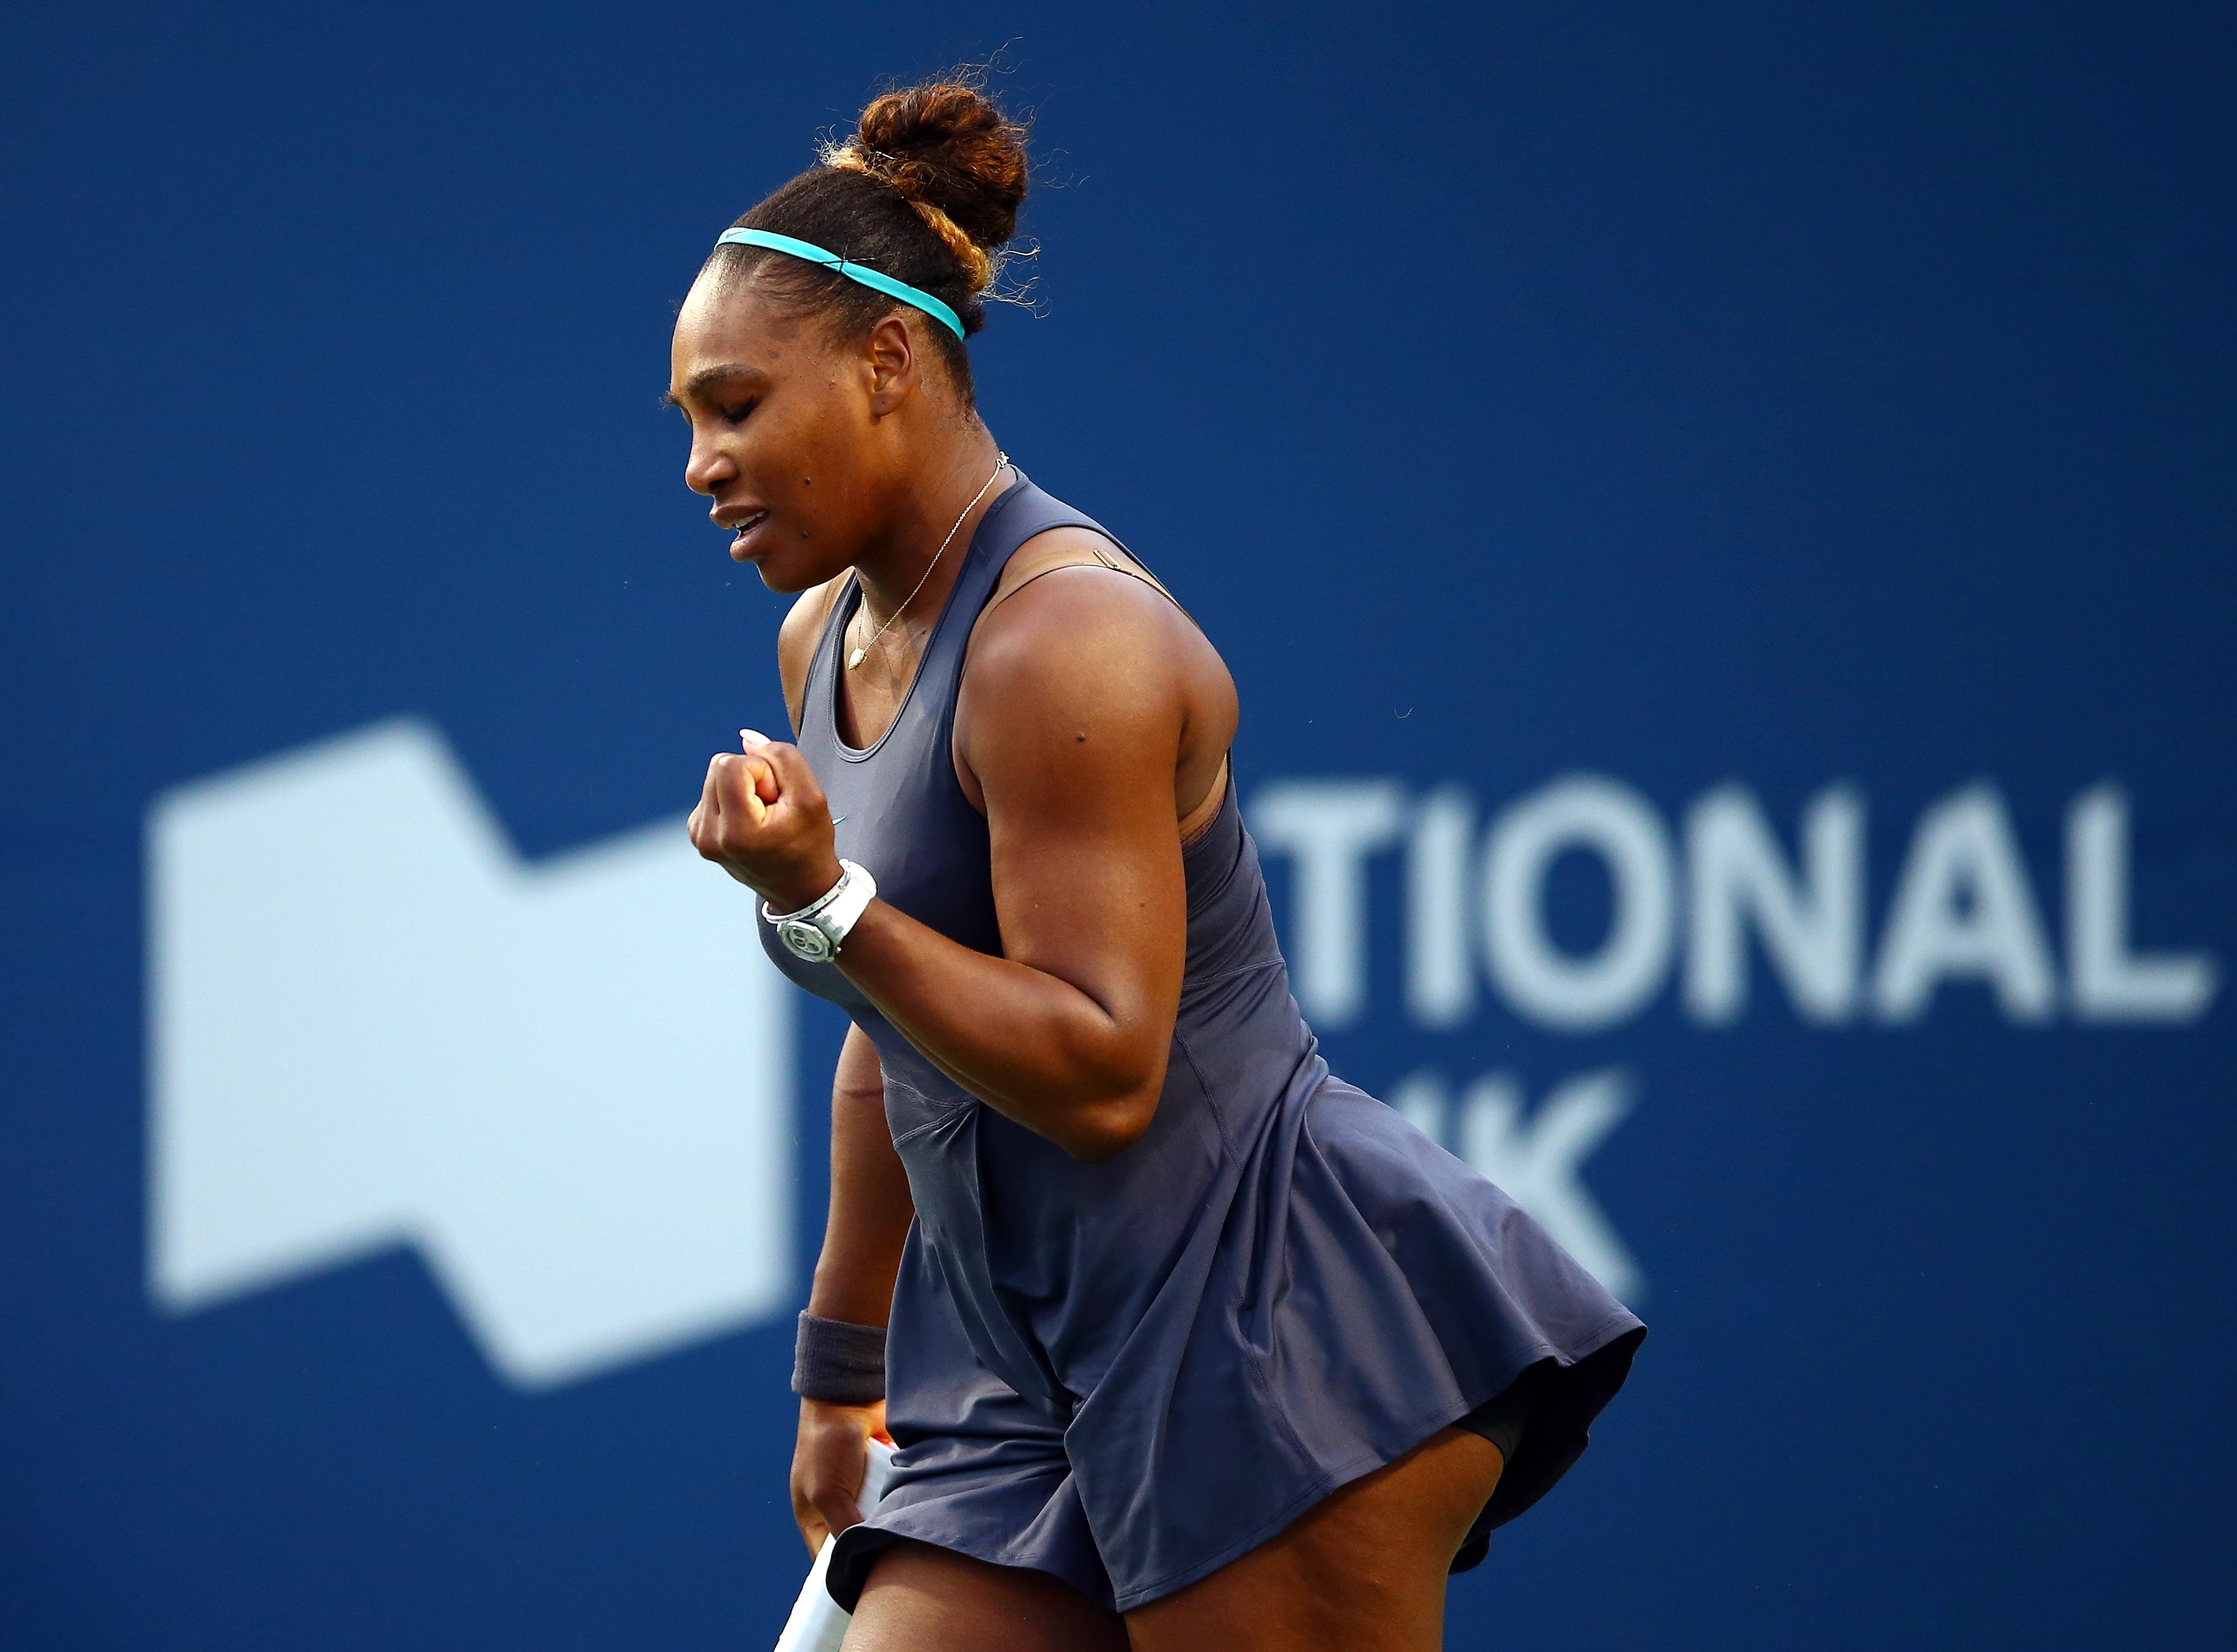 Serena Williams już w ćwierćfinale, Barty poza turniejem